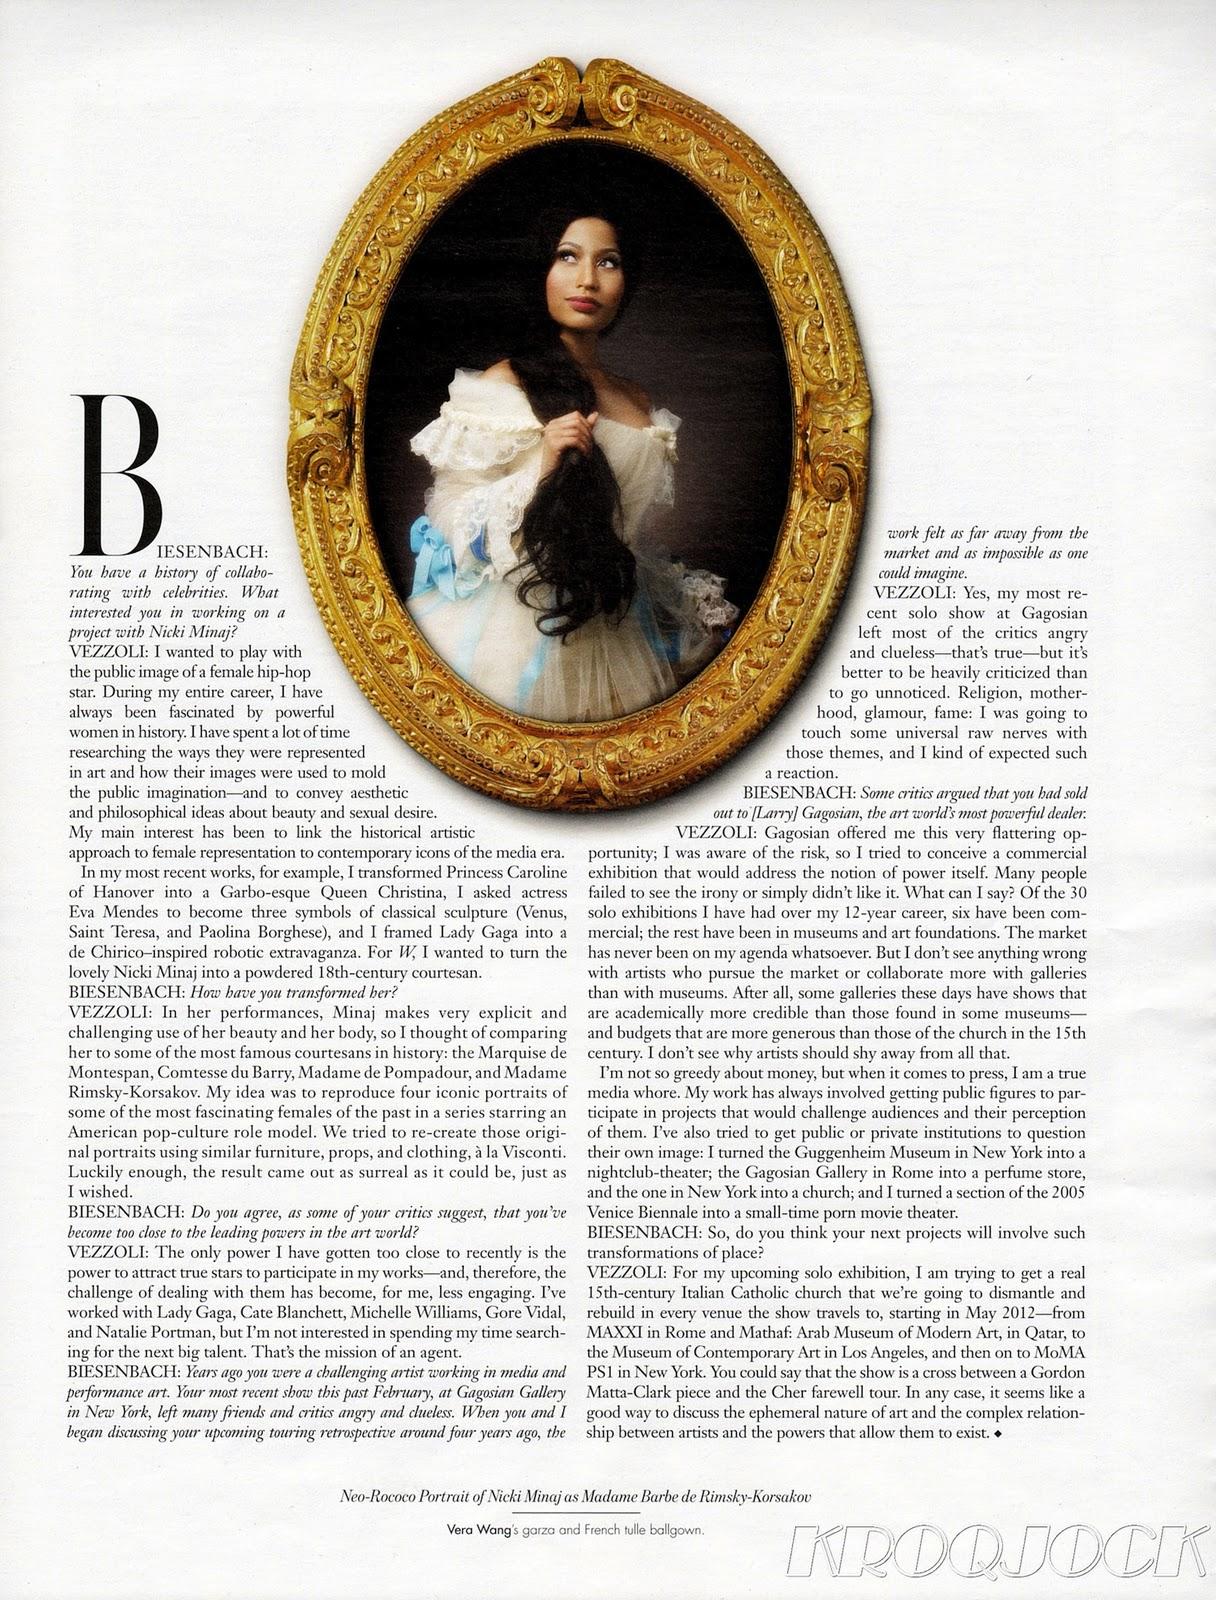 http://4.bp.blogspot.com/-PjbO7ibXvtw/TqEWTH8X9TI/AAAAAAAAbAw/aEnBL7Q6jY0/s1600/Celebutopia_NET.Nicki_Minaj.W.November_2011.Scanned_by_KROQJOCK.HQ_.5.jpg